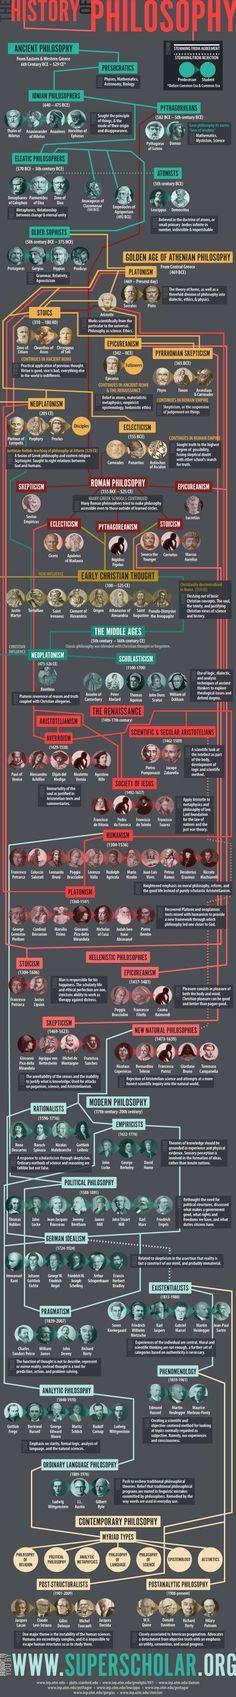 Um fluxograma traçar a História de alguns dos nossos maiores Pensadores. Confira o infográfico acima.